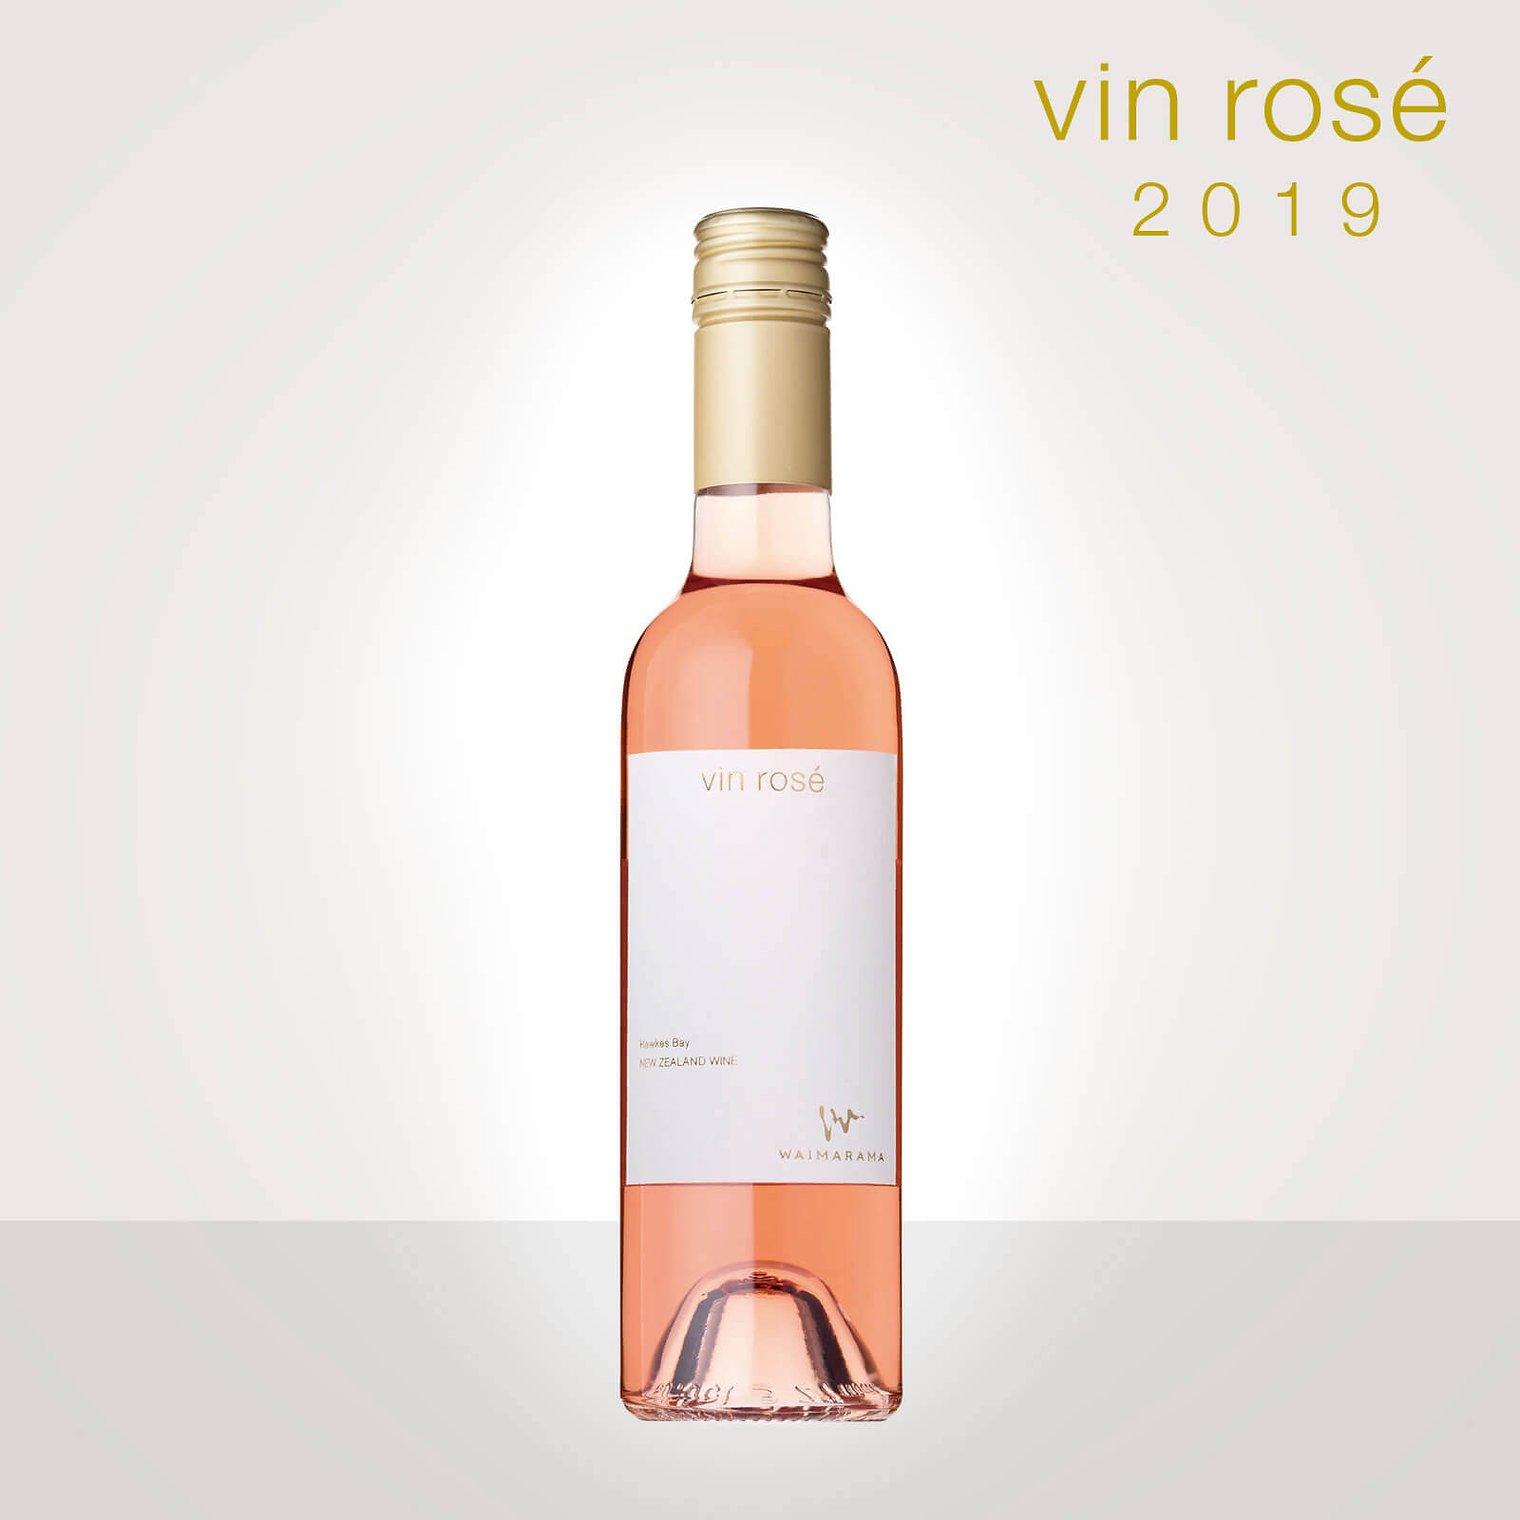 画像1: vin rose 2019 ハーフ375ml (1)